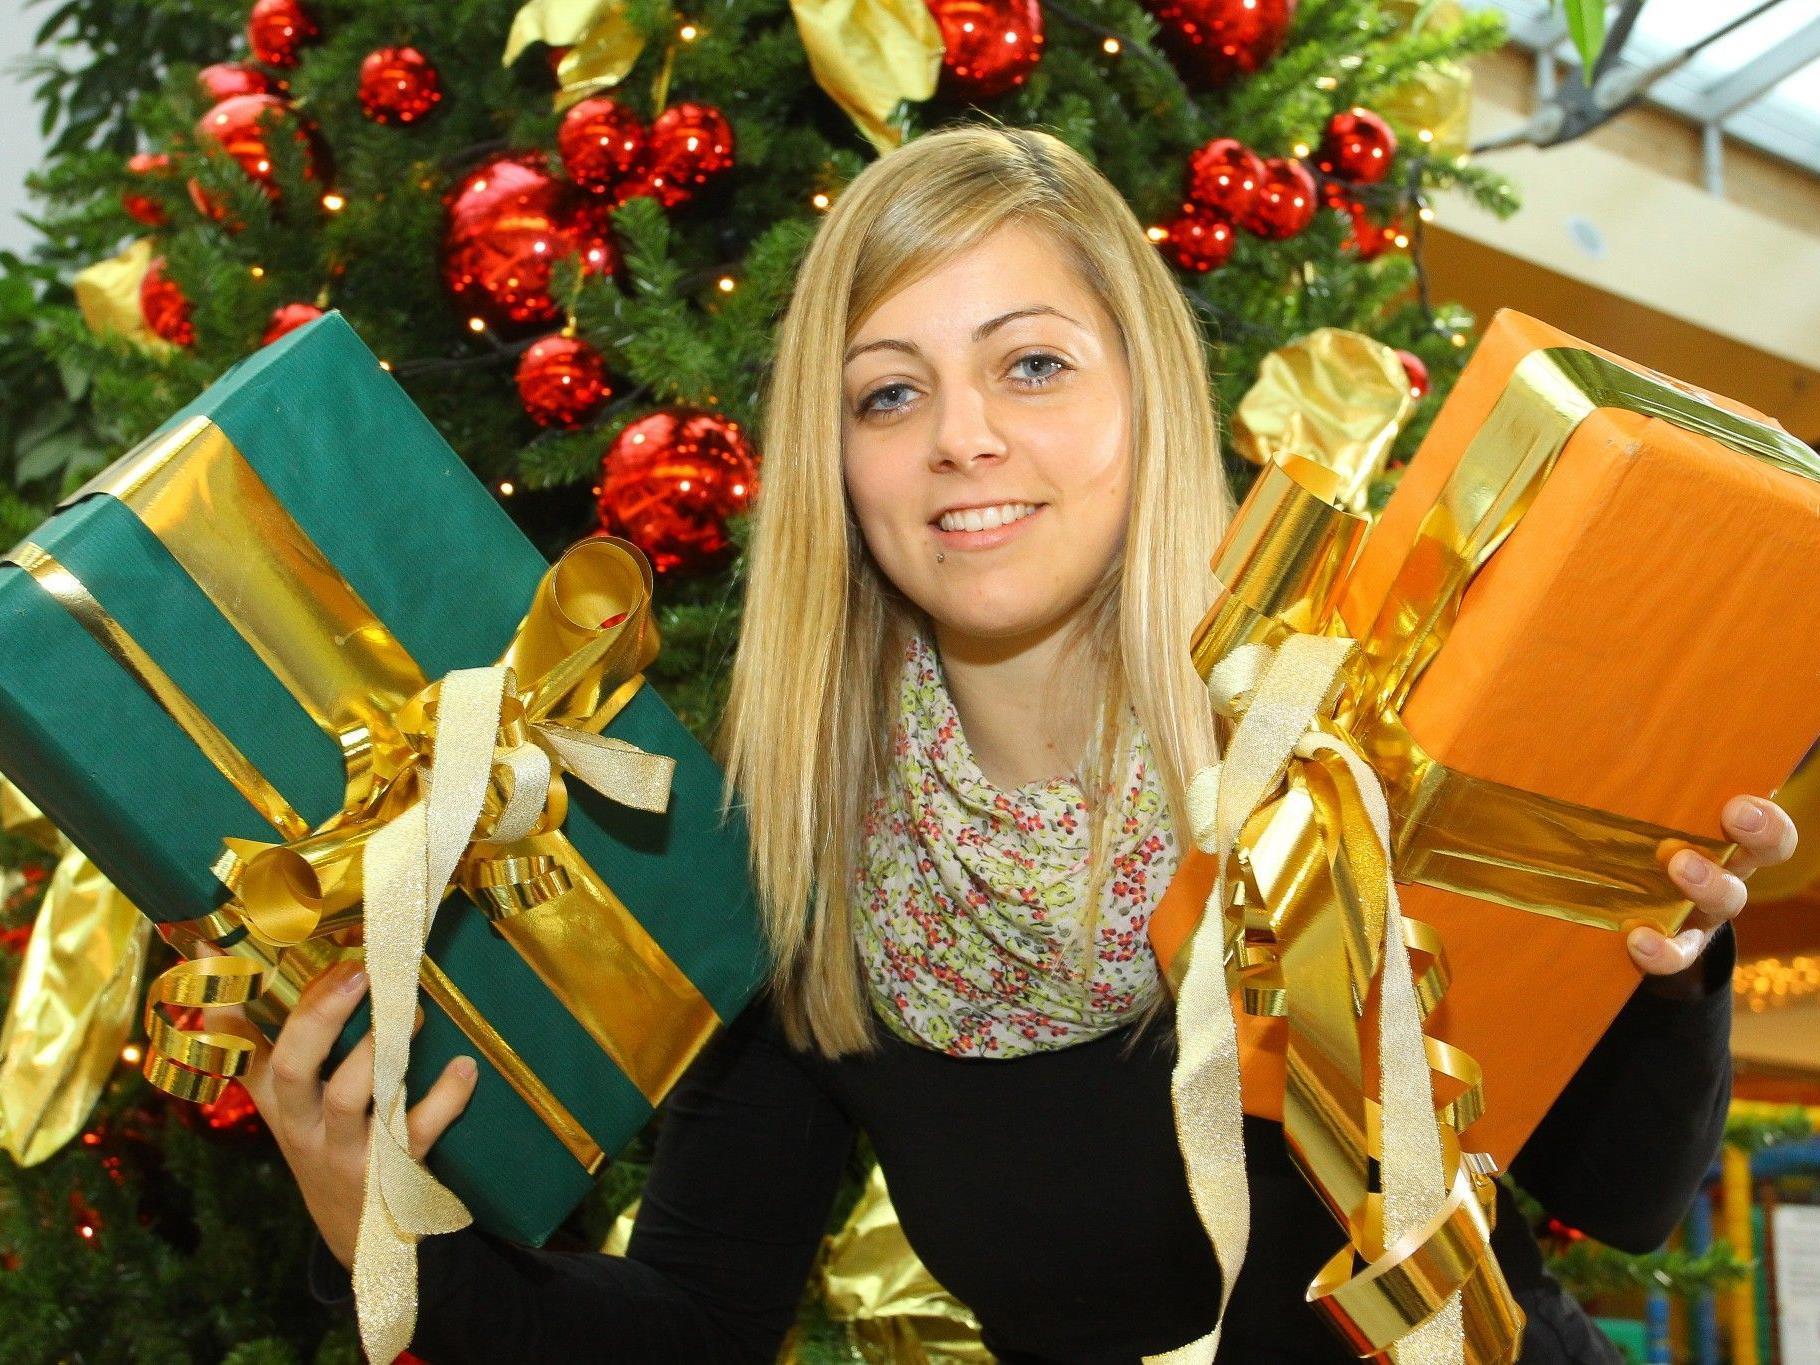 Weihnachtsgeschenke: Top und Flop - Vorarlberg -- VOL.AT